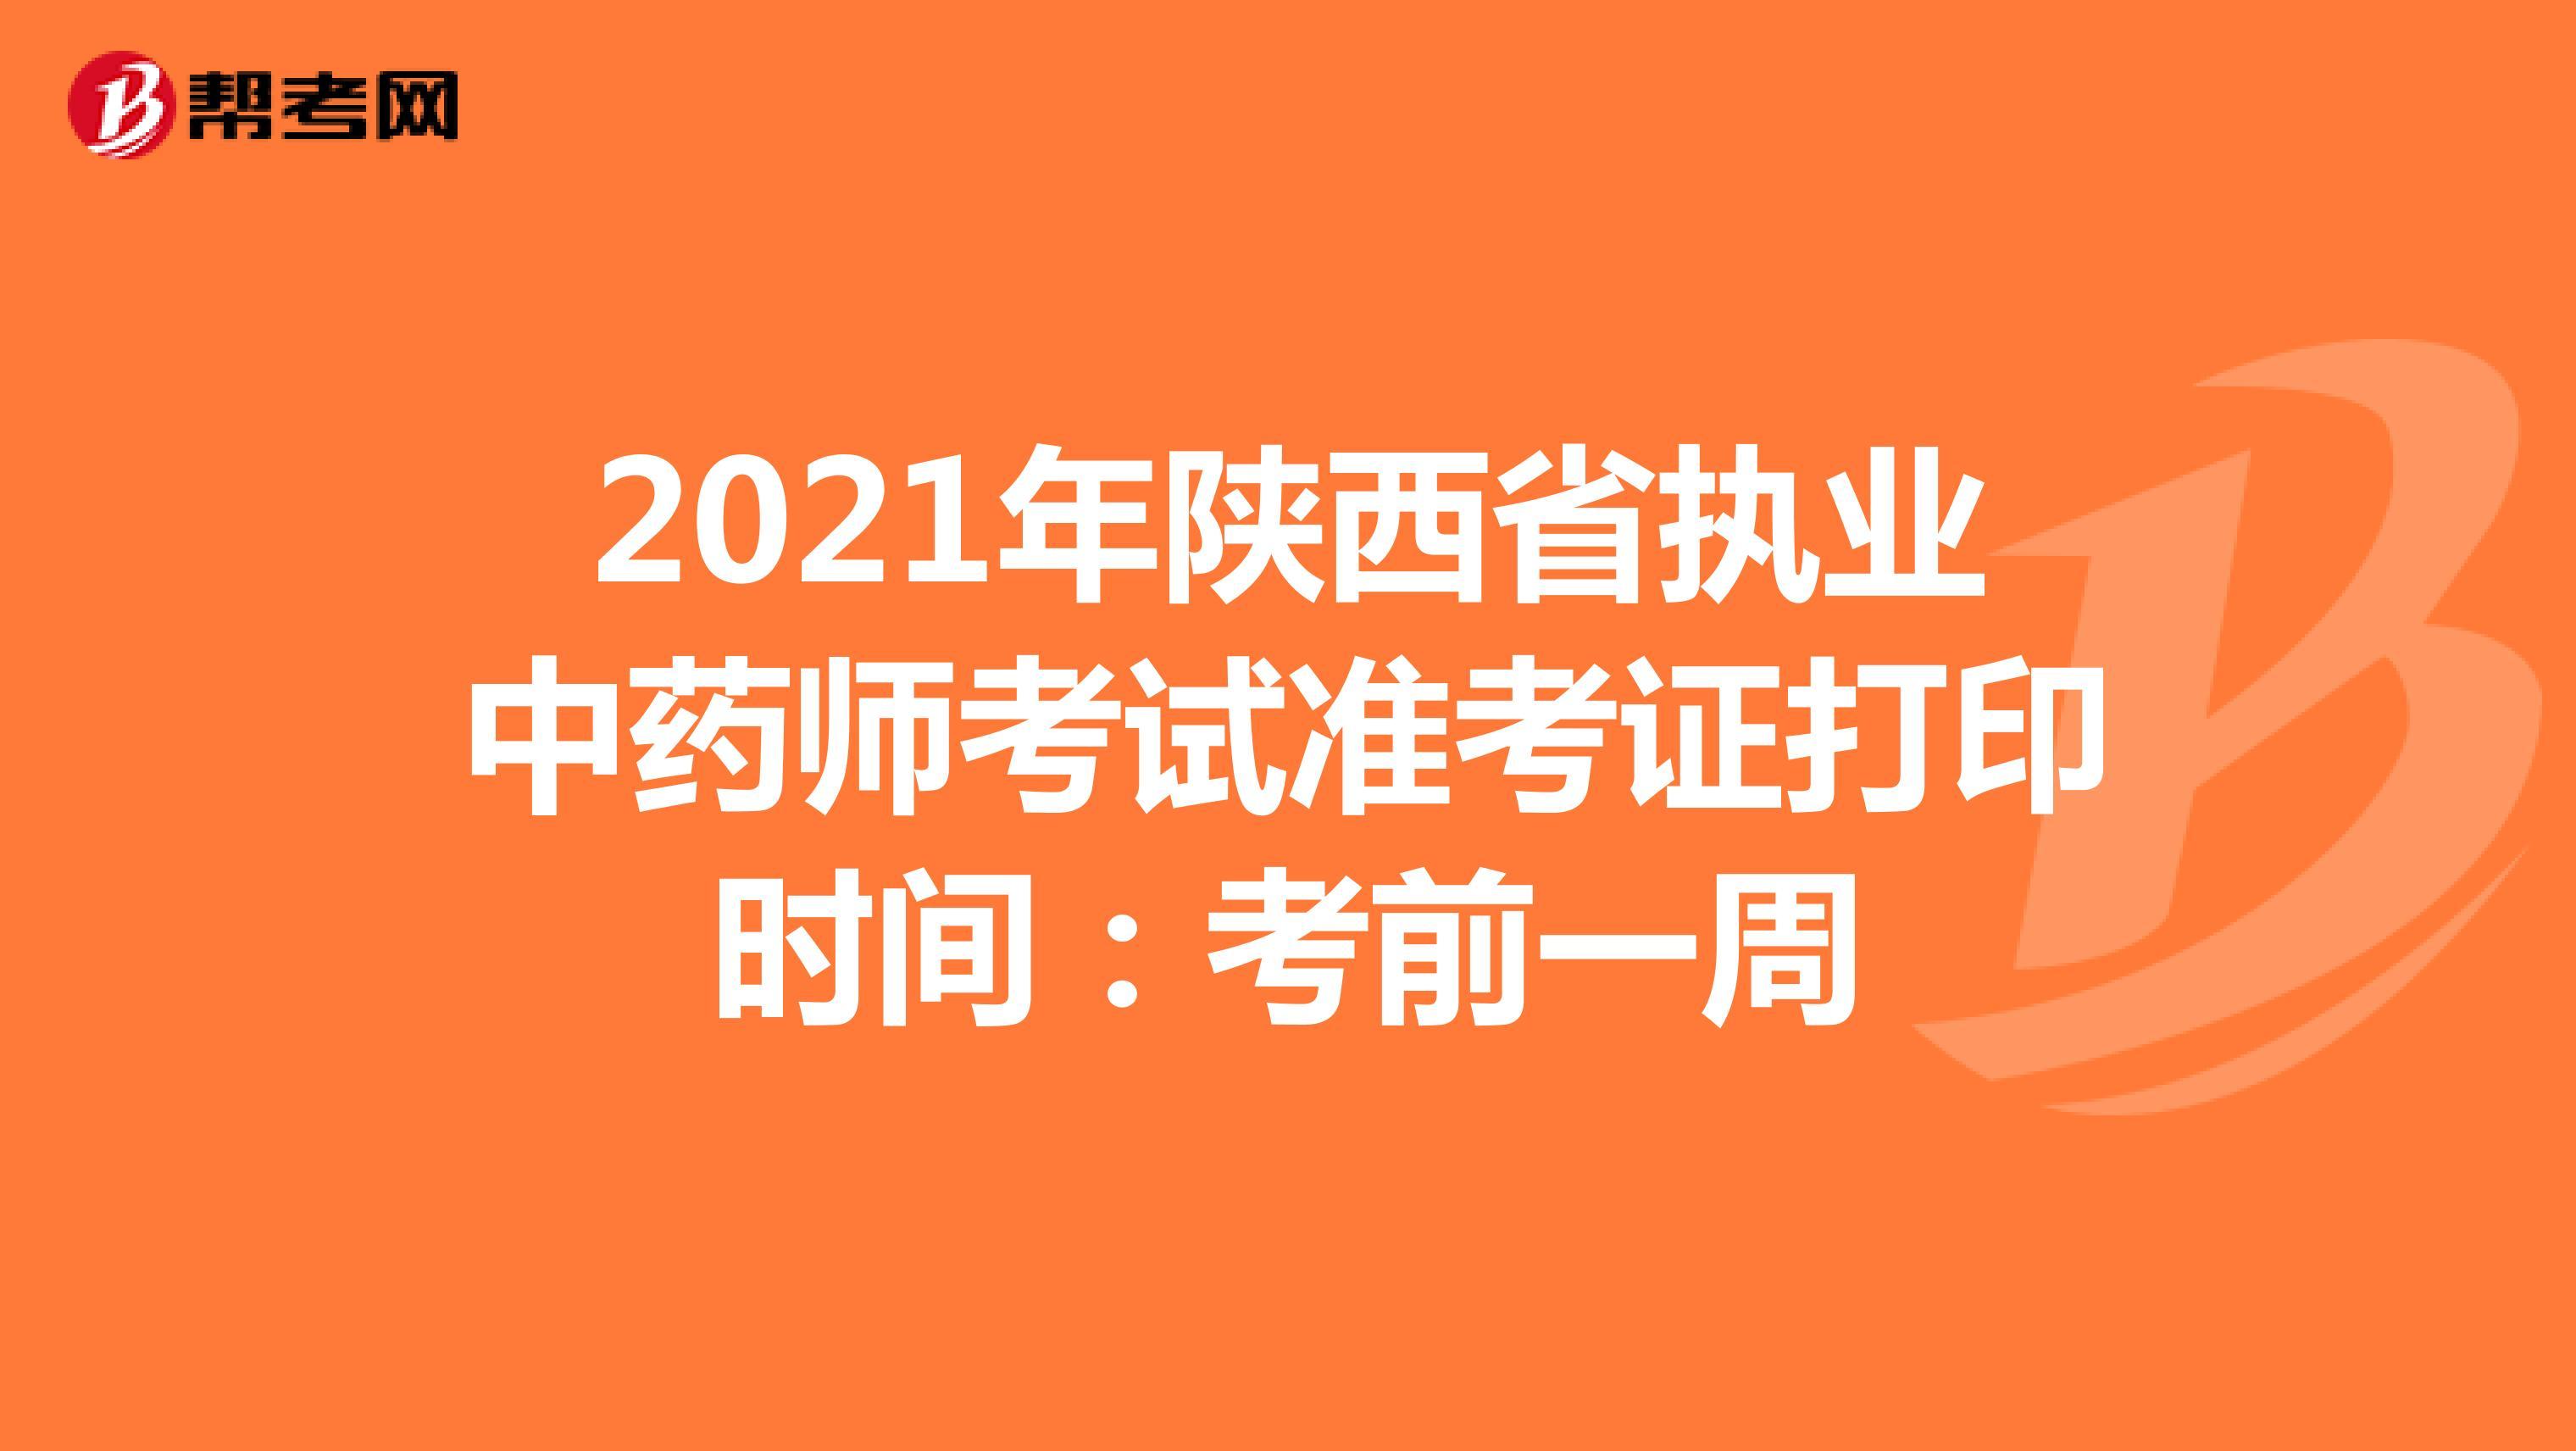 2021年陕西省执业中药师考试准考证打印时间:考前一周